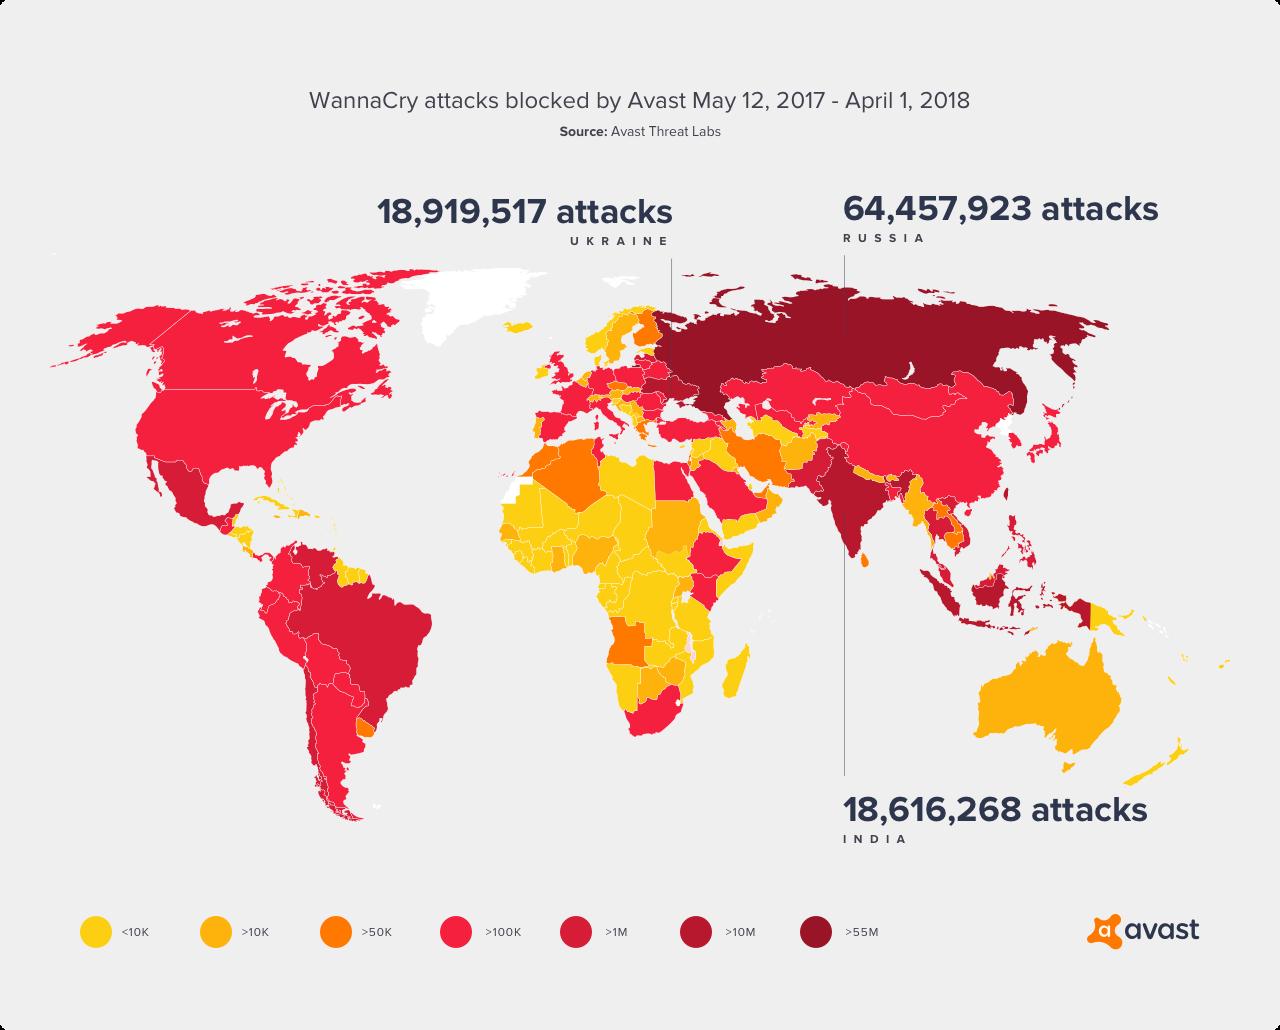 Mapa s přehledem útoků WannaCry, které Avast zablokoval v období od 12. května 2017 do 1. dubna 2018